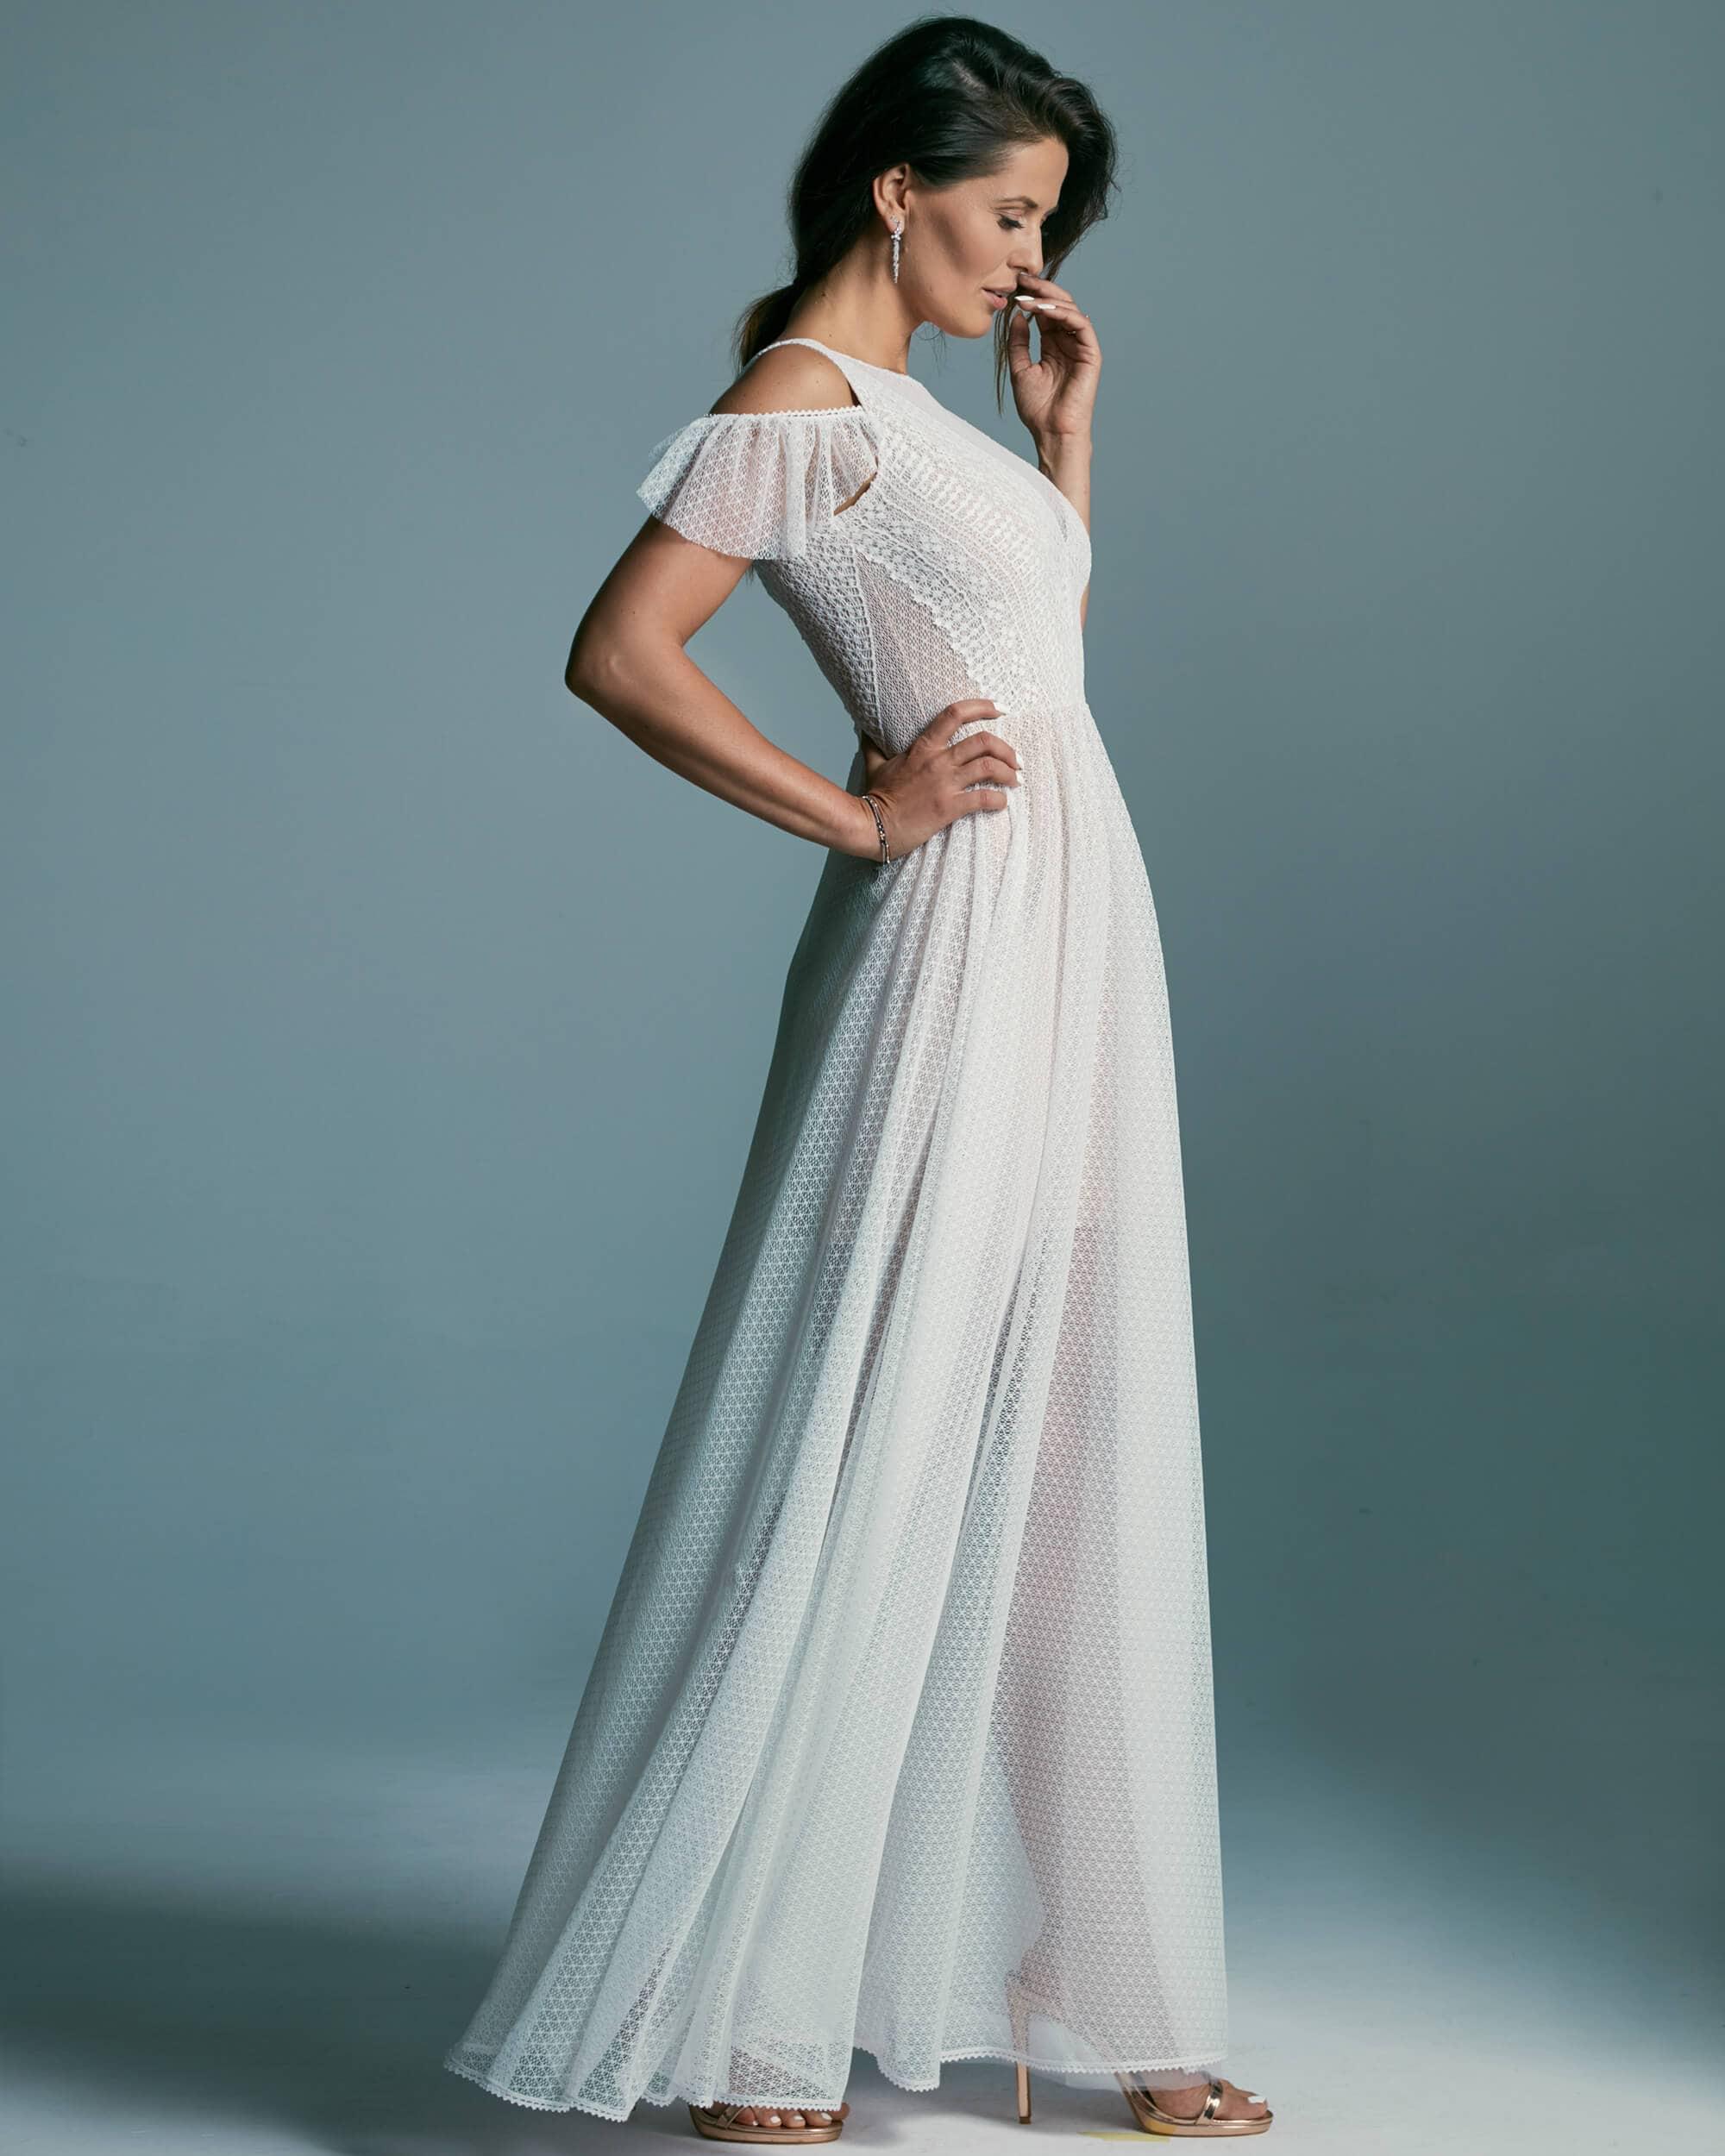 Dziewczęca suknia ślubna nawiązująca do stylu greckiego - Santorini 2